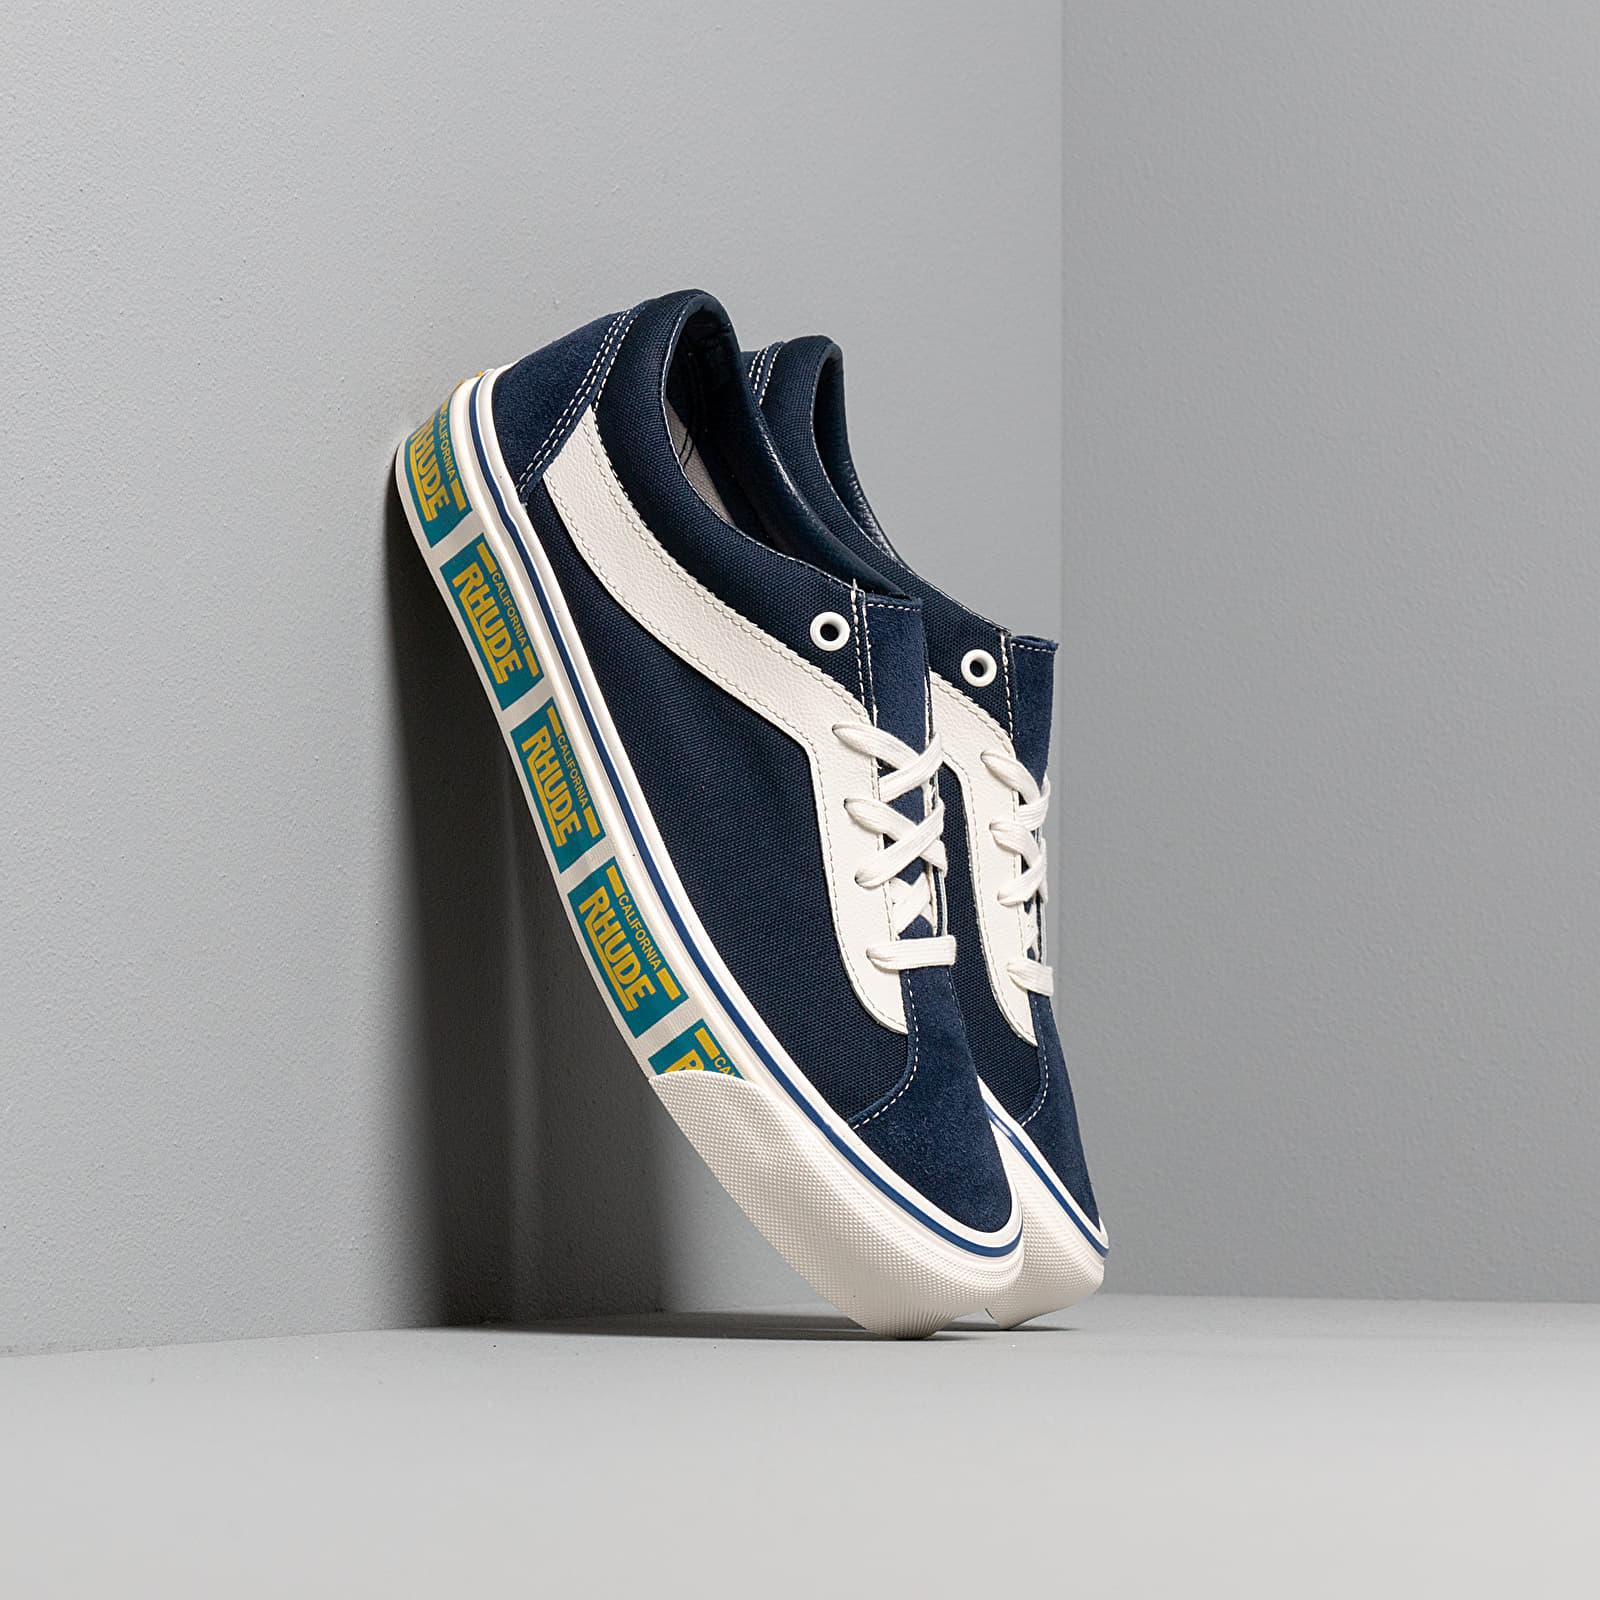 Pánské tenisky a boty Vans x Rhude Bold Ni Plate/ Blue